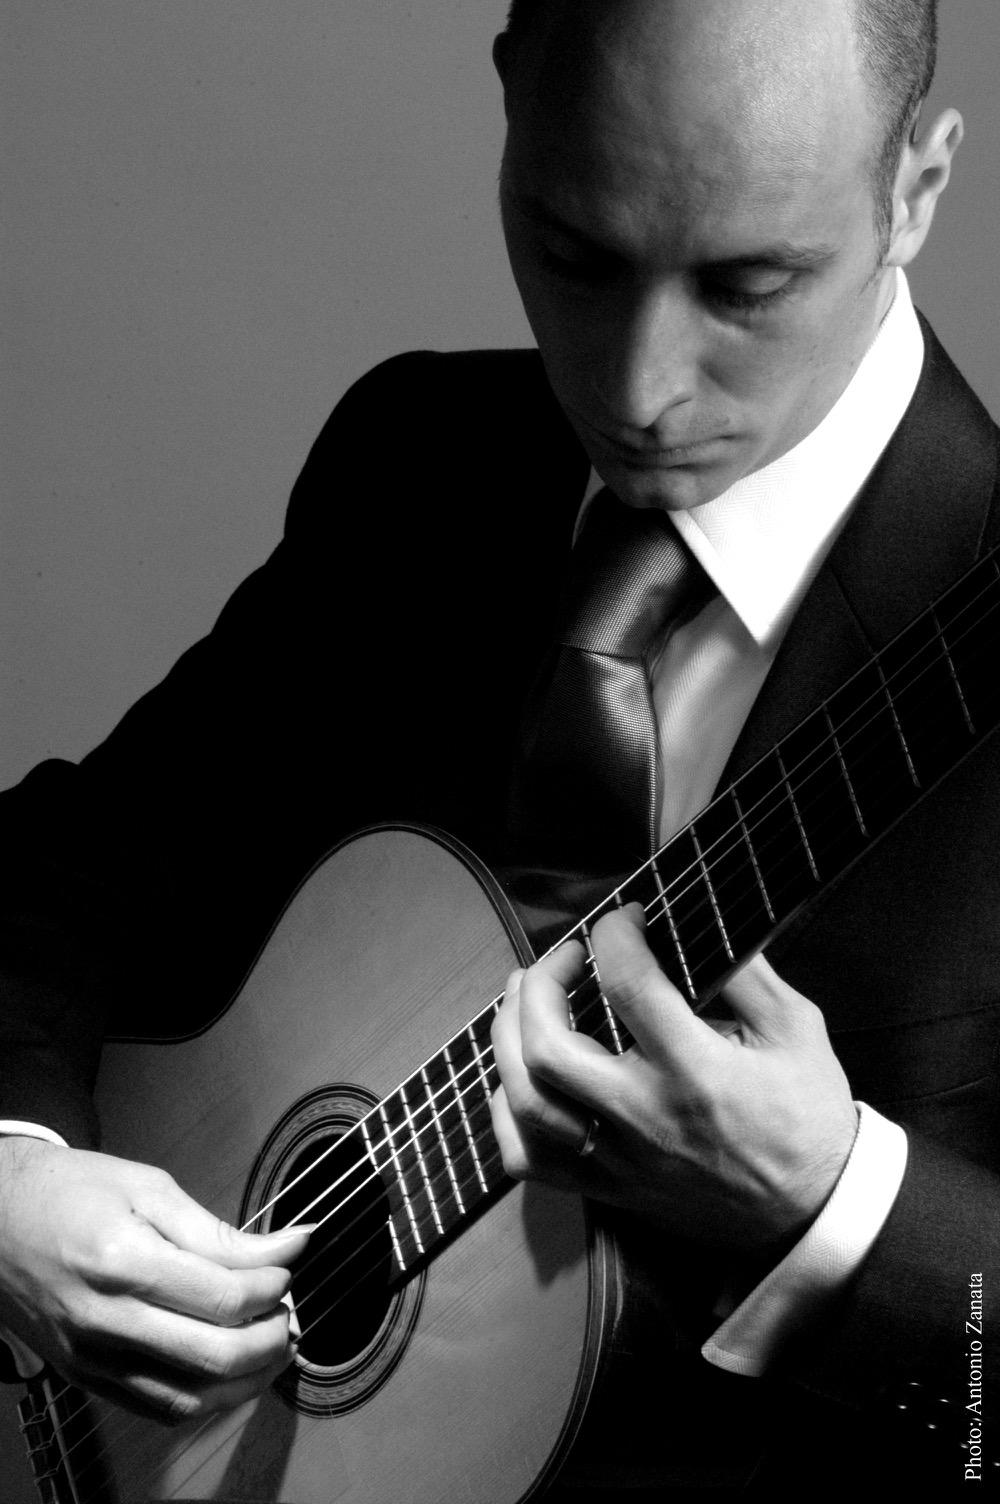 2017_03_17_guitare